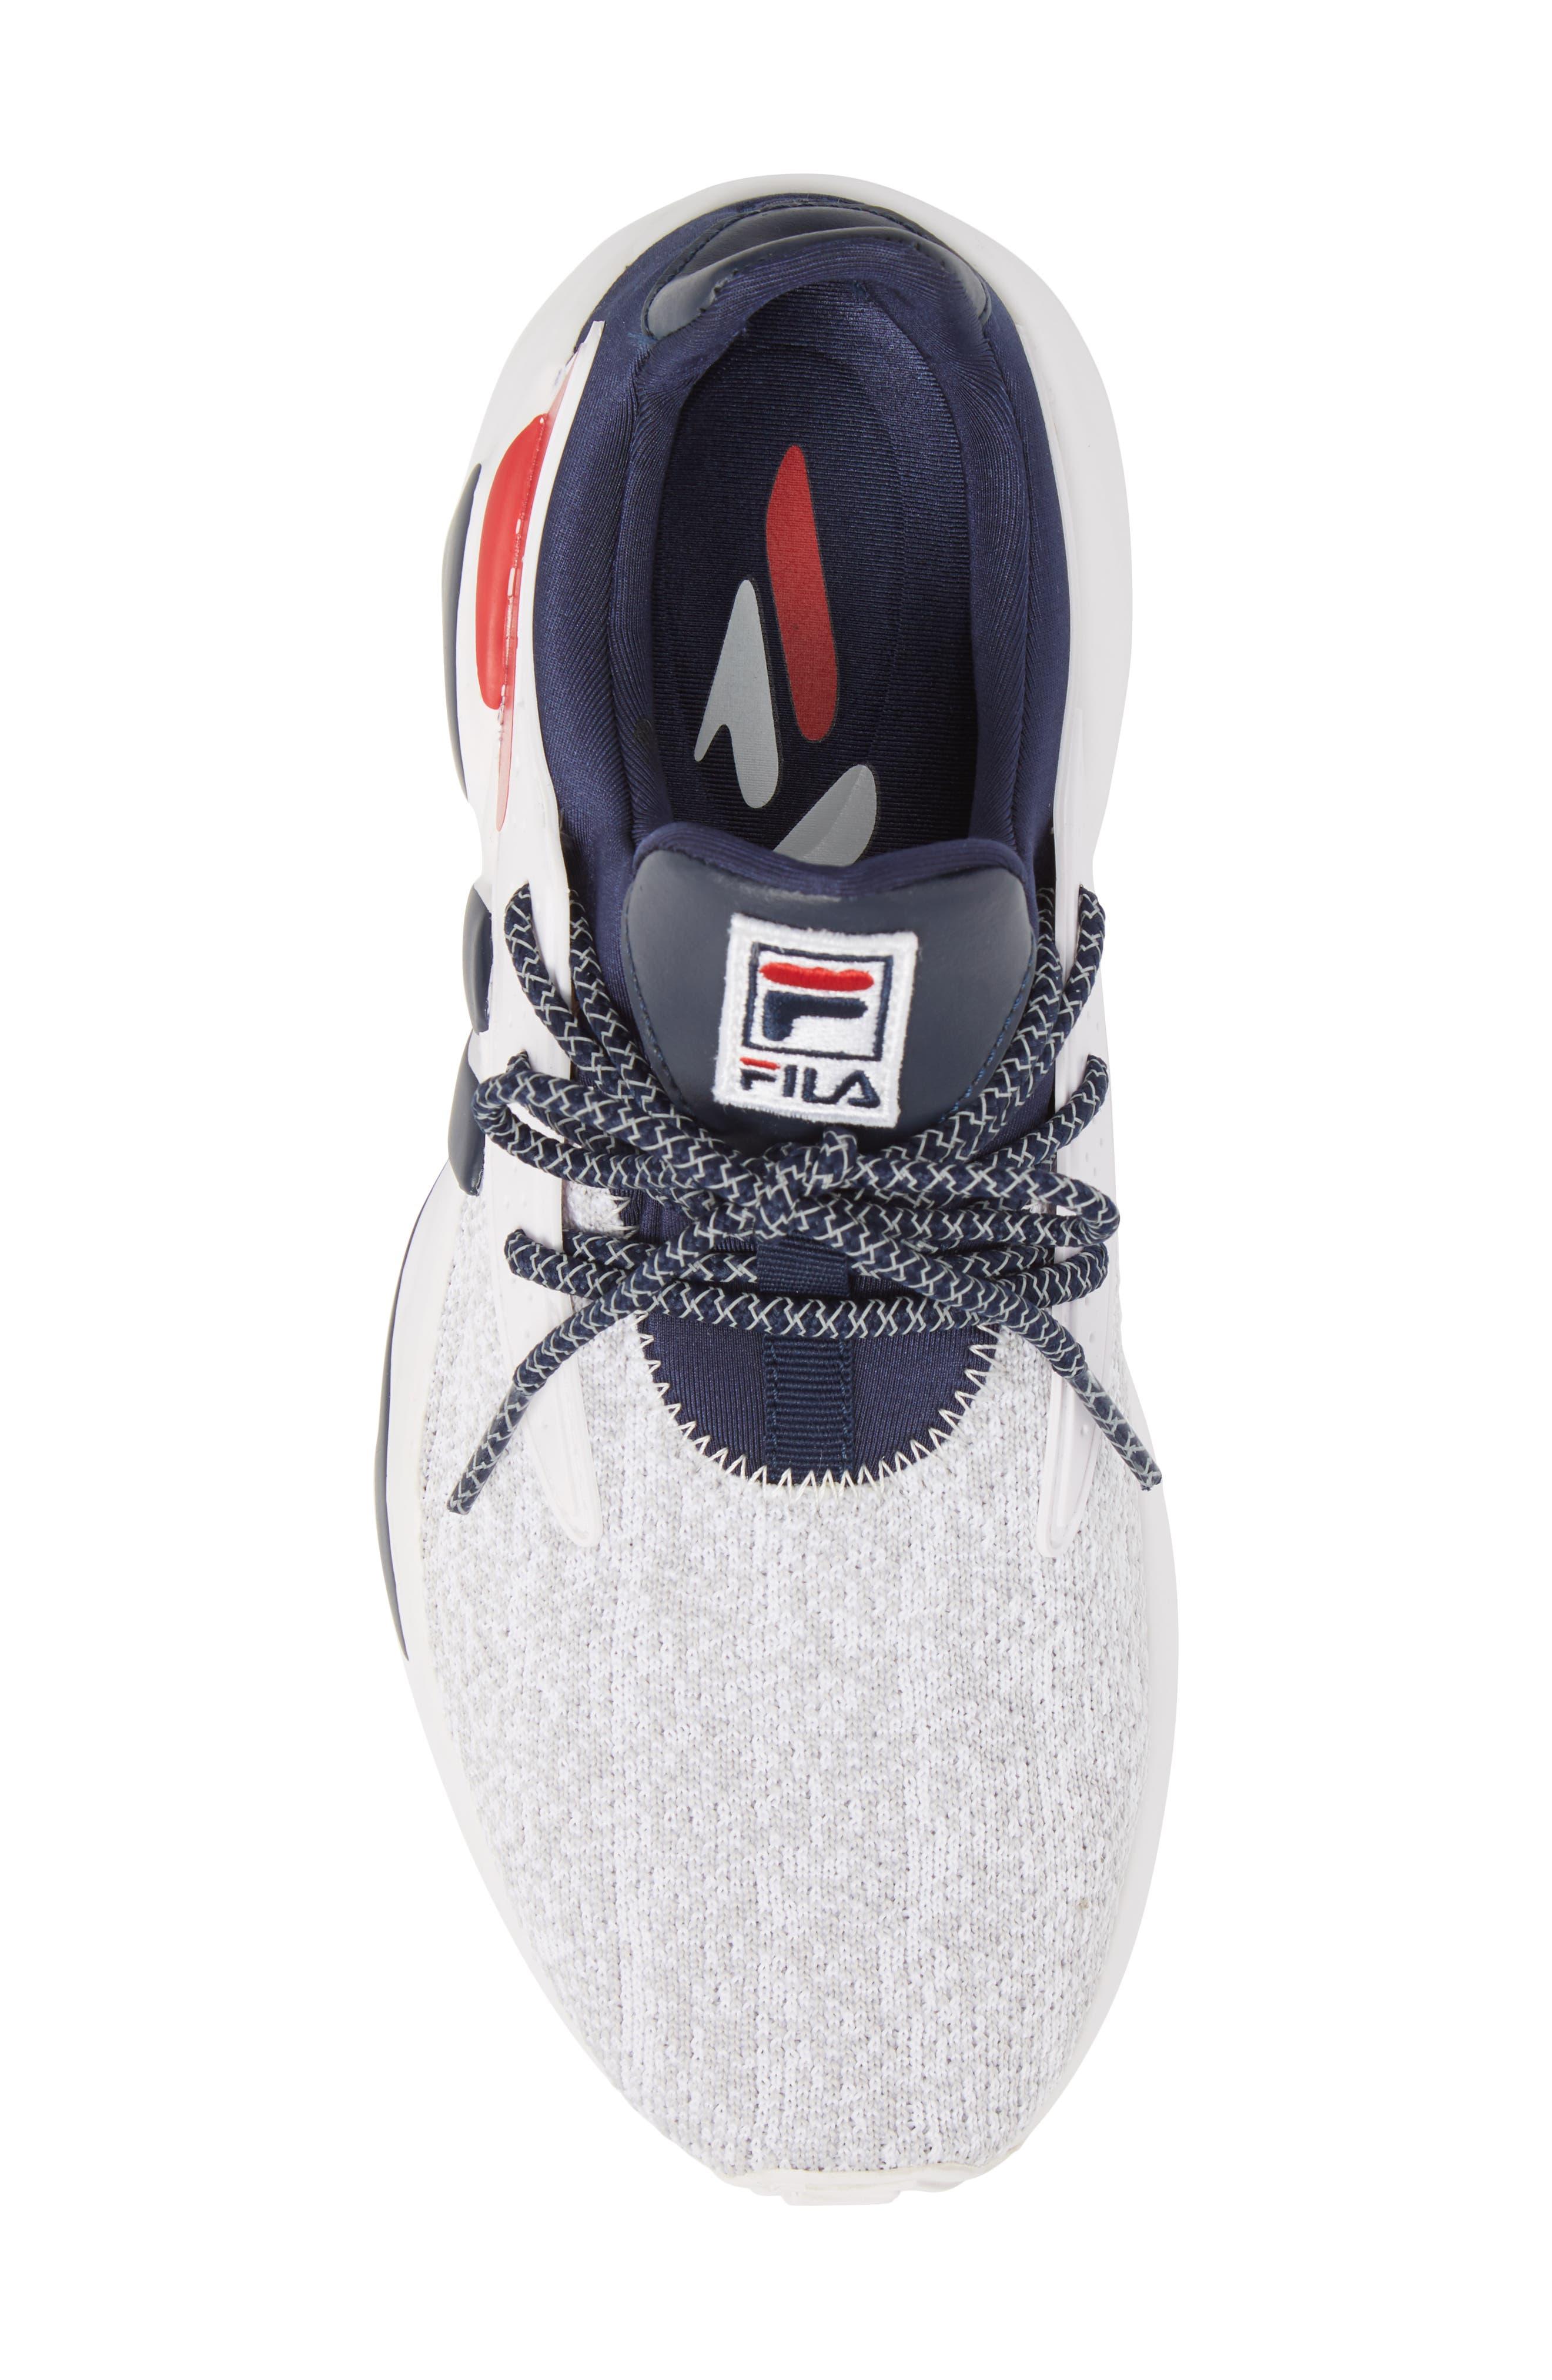 Mindbreaker 2.0 Sneaker,                             Alternate thumbnail 5, color,                             White/ Navy/ Red